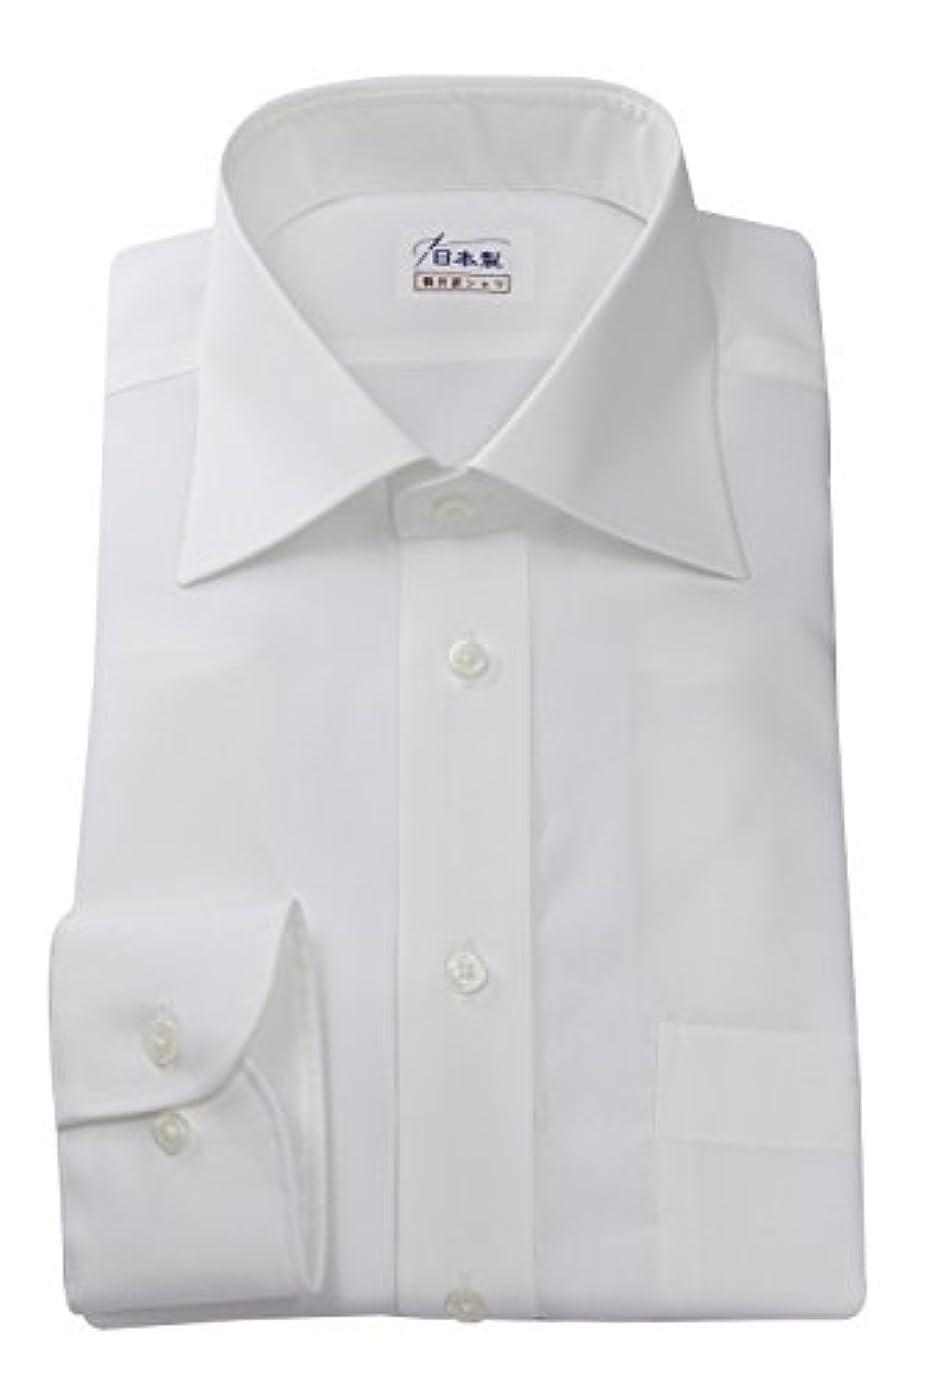 最終上不器用ワイシャツ 軽井沢シャツ [A10KZW026] ワイドスプレッド ホワイト 純綿 形態安定 らくらくオーダー受注生産商品